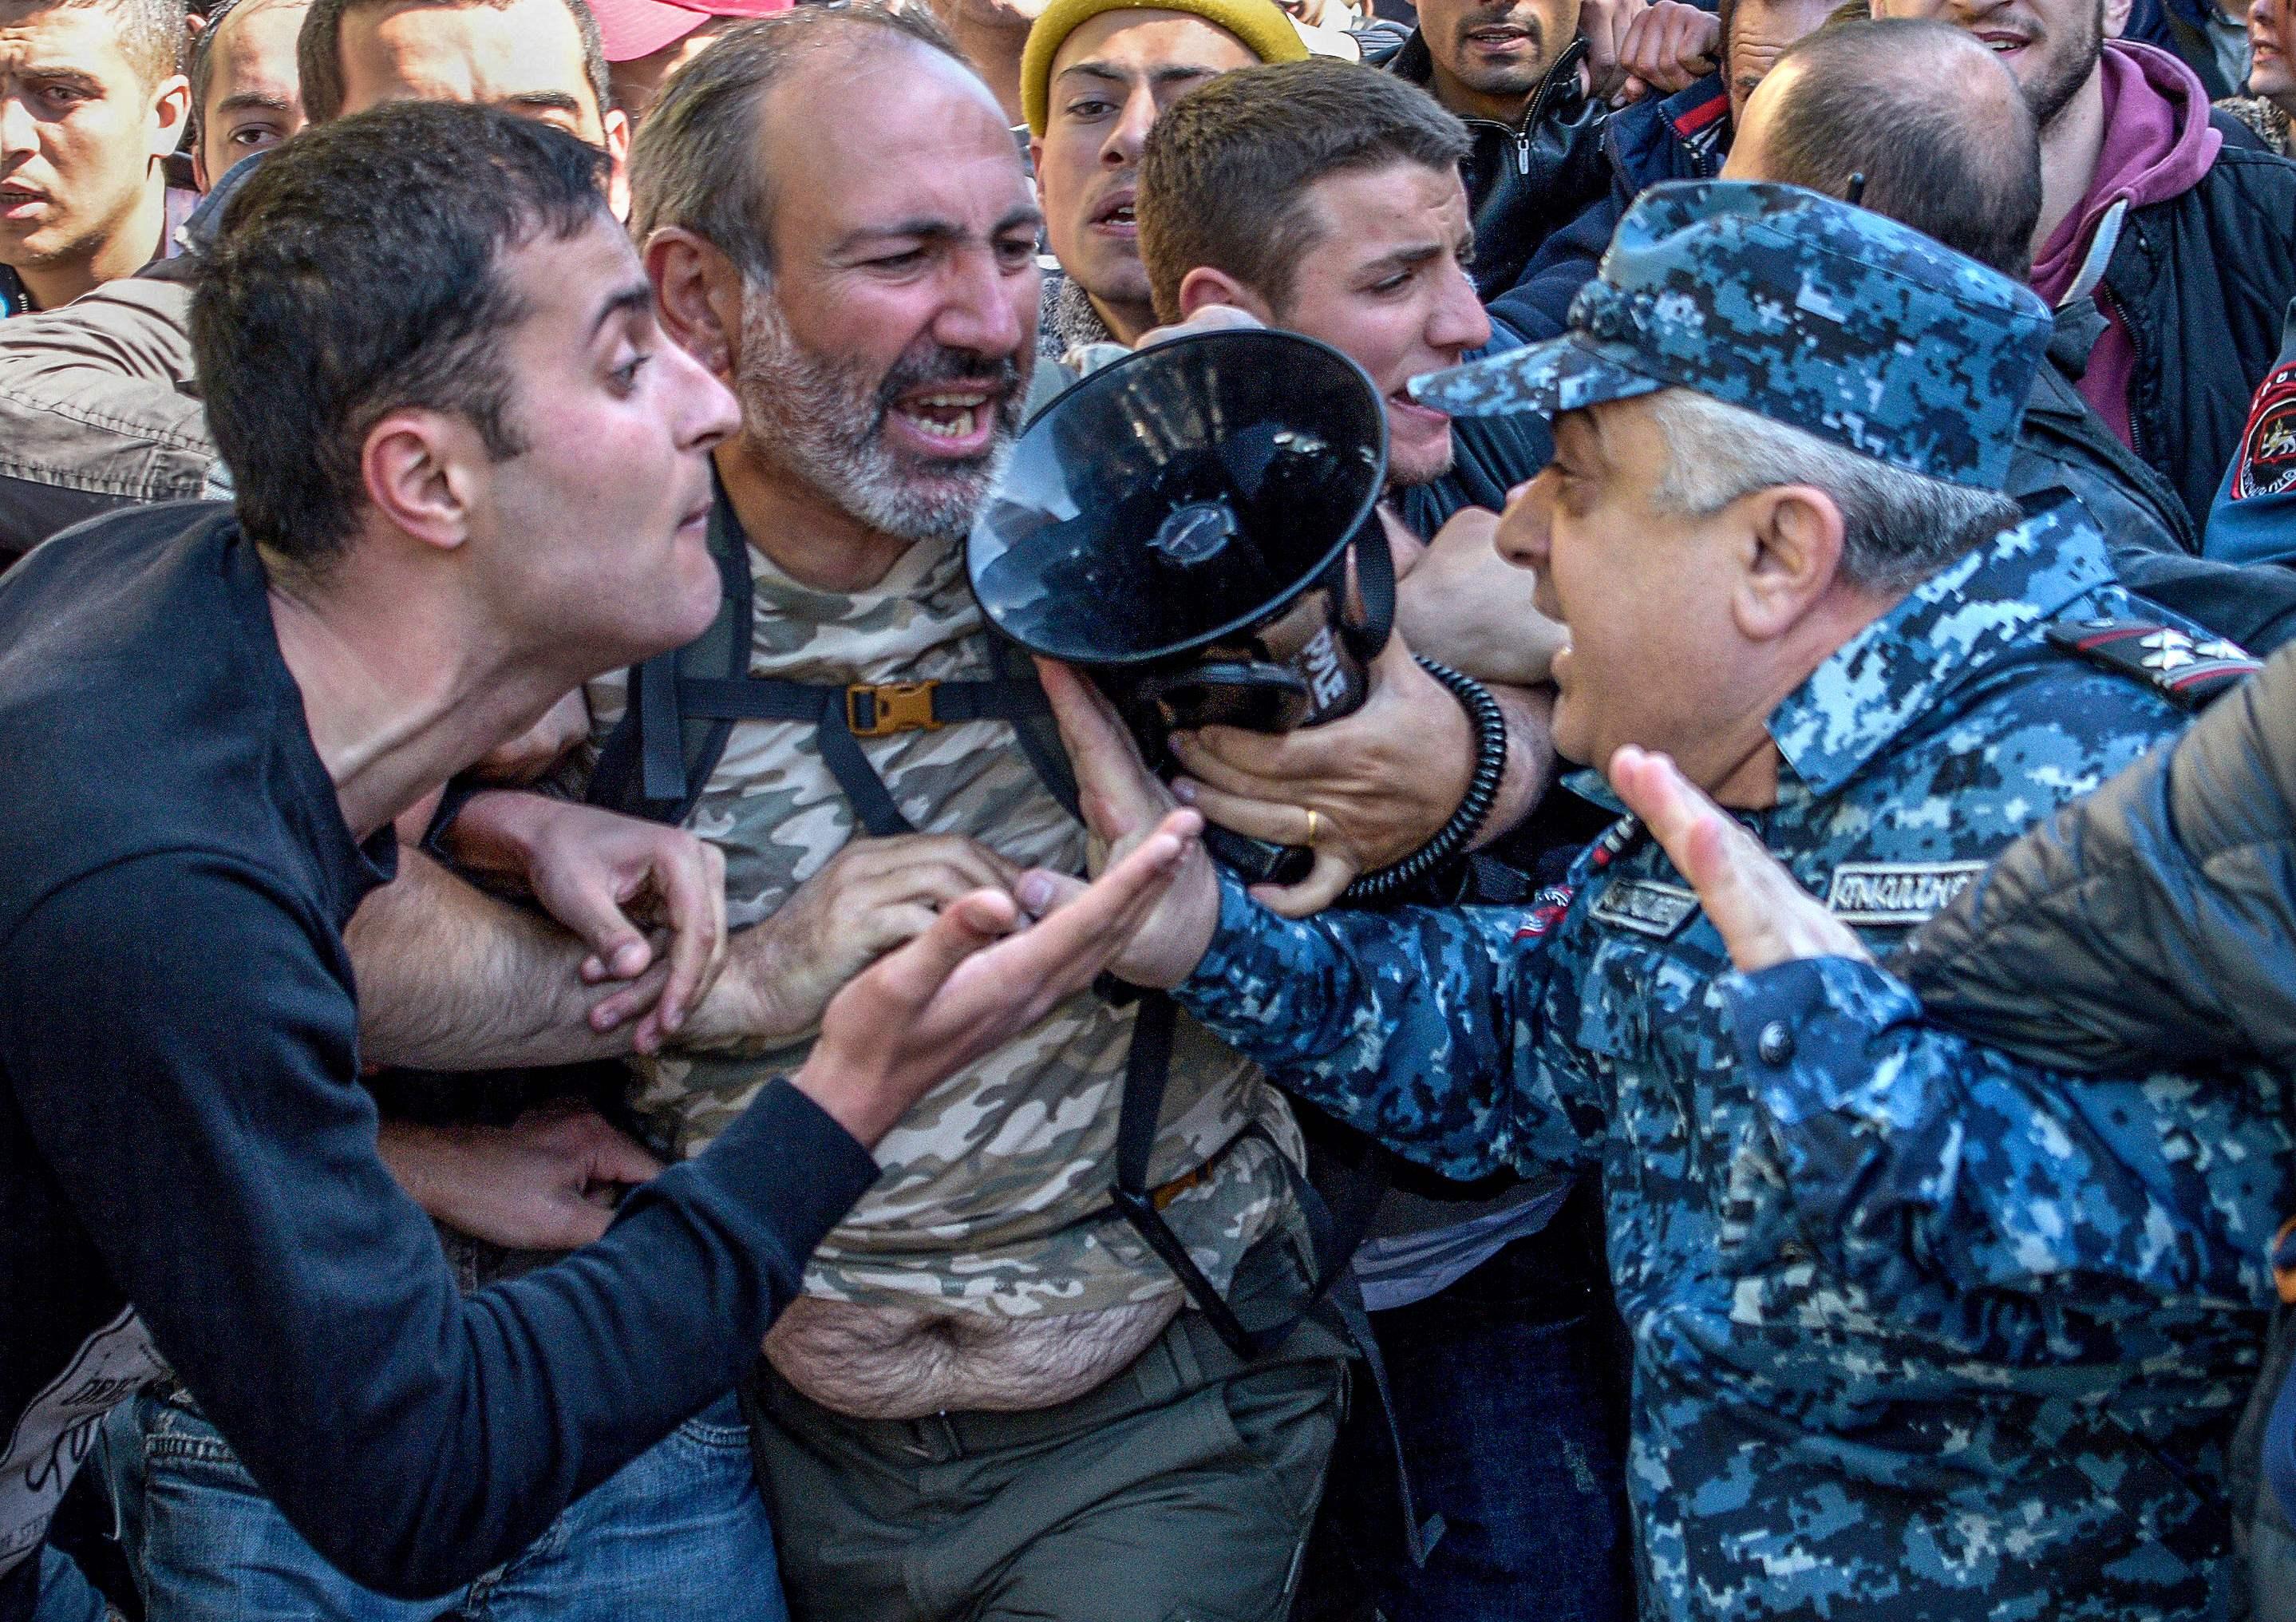 اشتباكات بين المحتجين وقوات الأمن